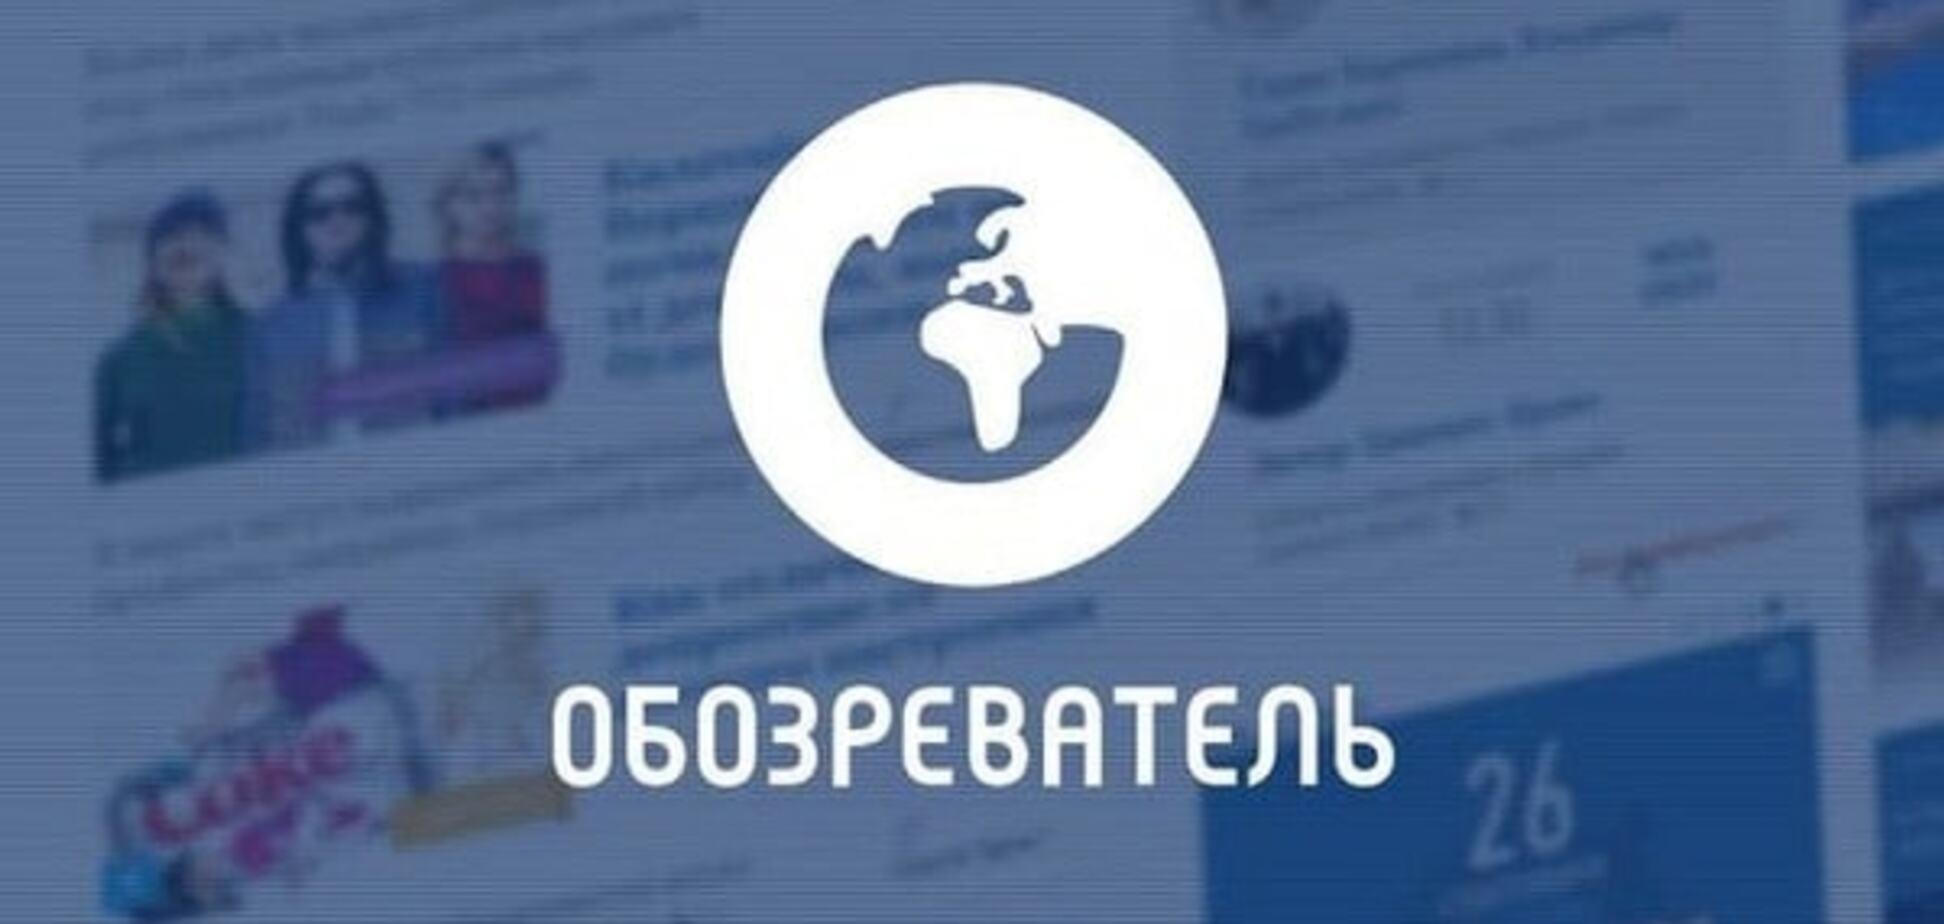 'ДНР' и 'перемога'